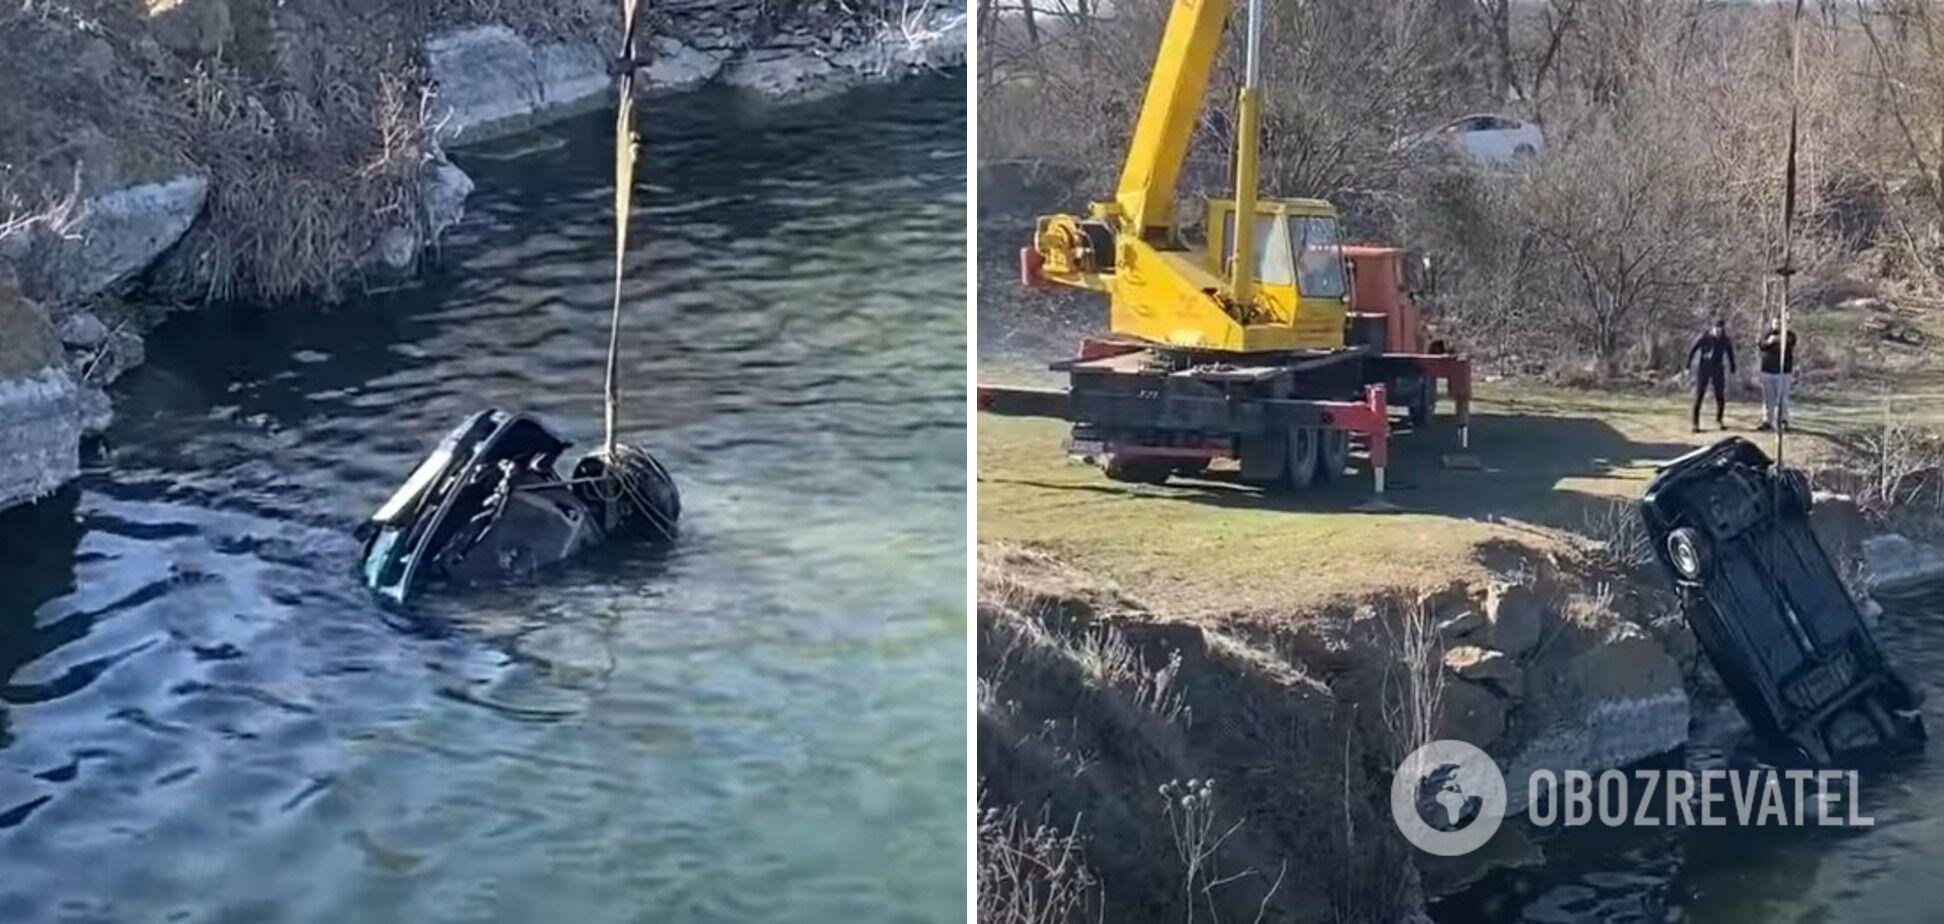 Автомобіль із загиблими витягли з водойми